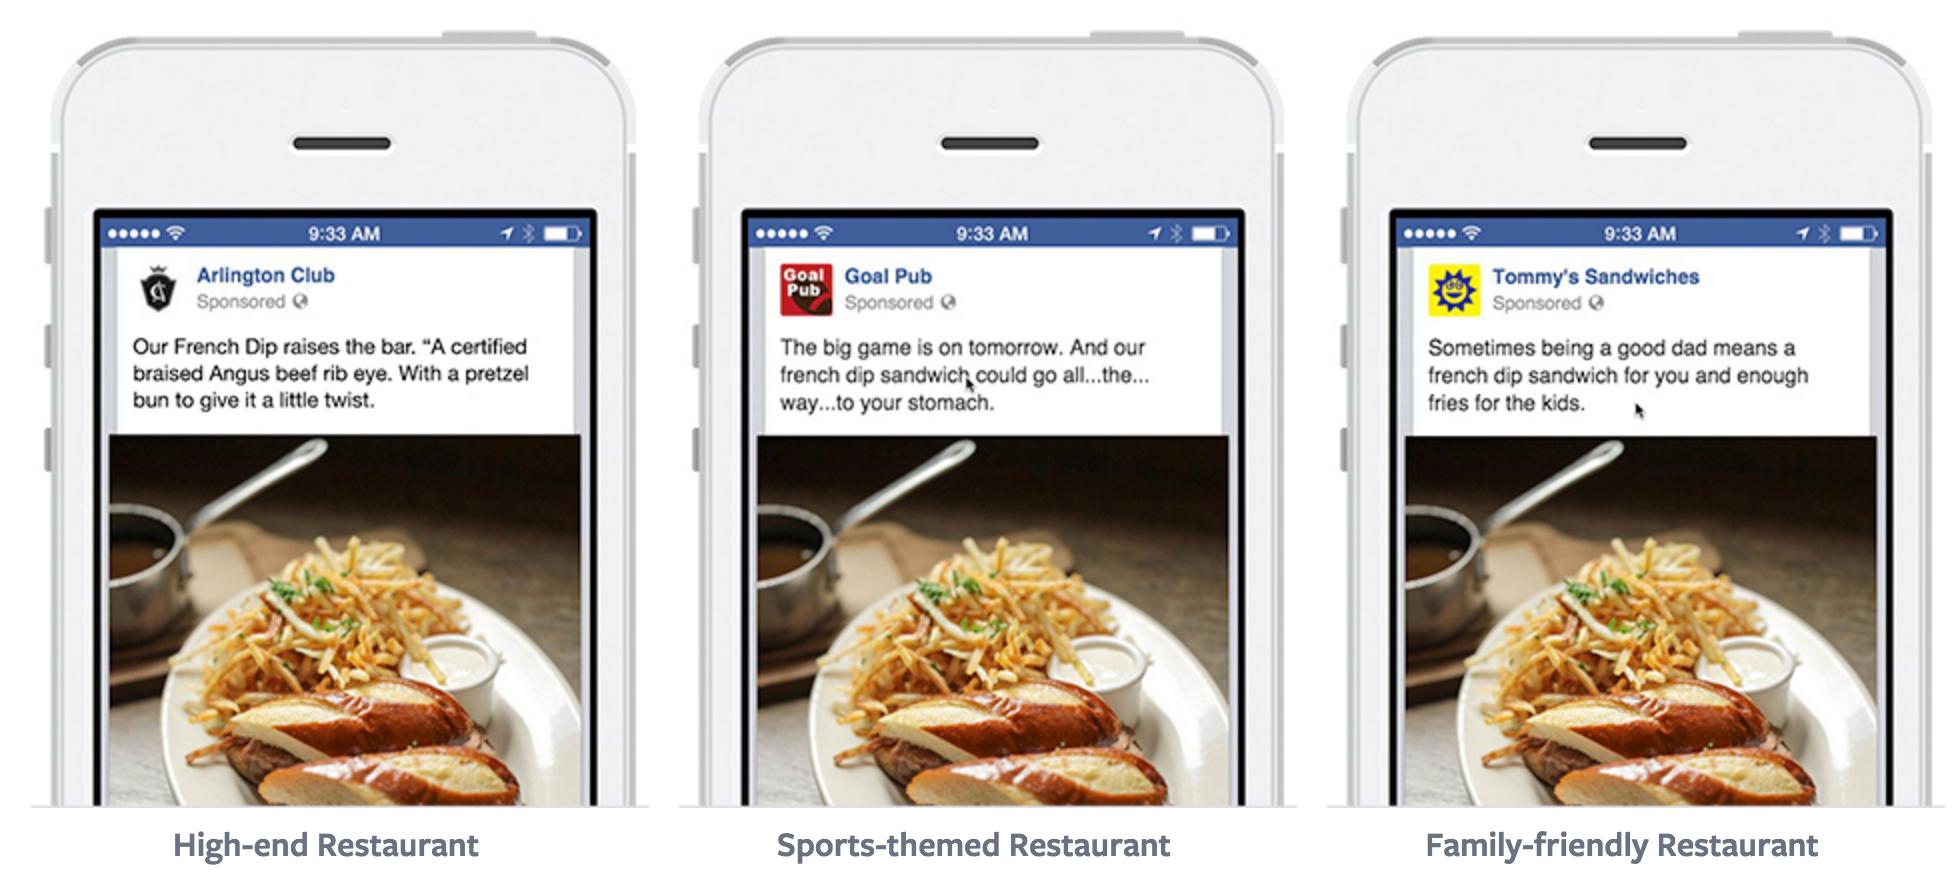 Tono de prueba de estrategias de copia de anuncios de Facebook